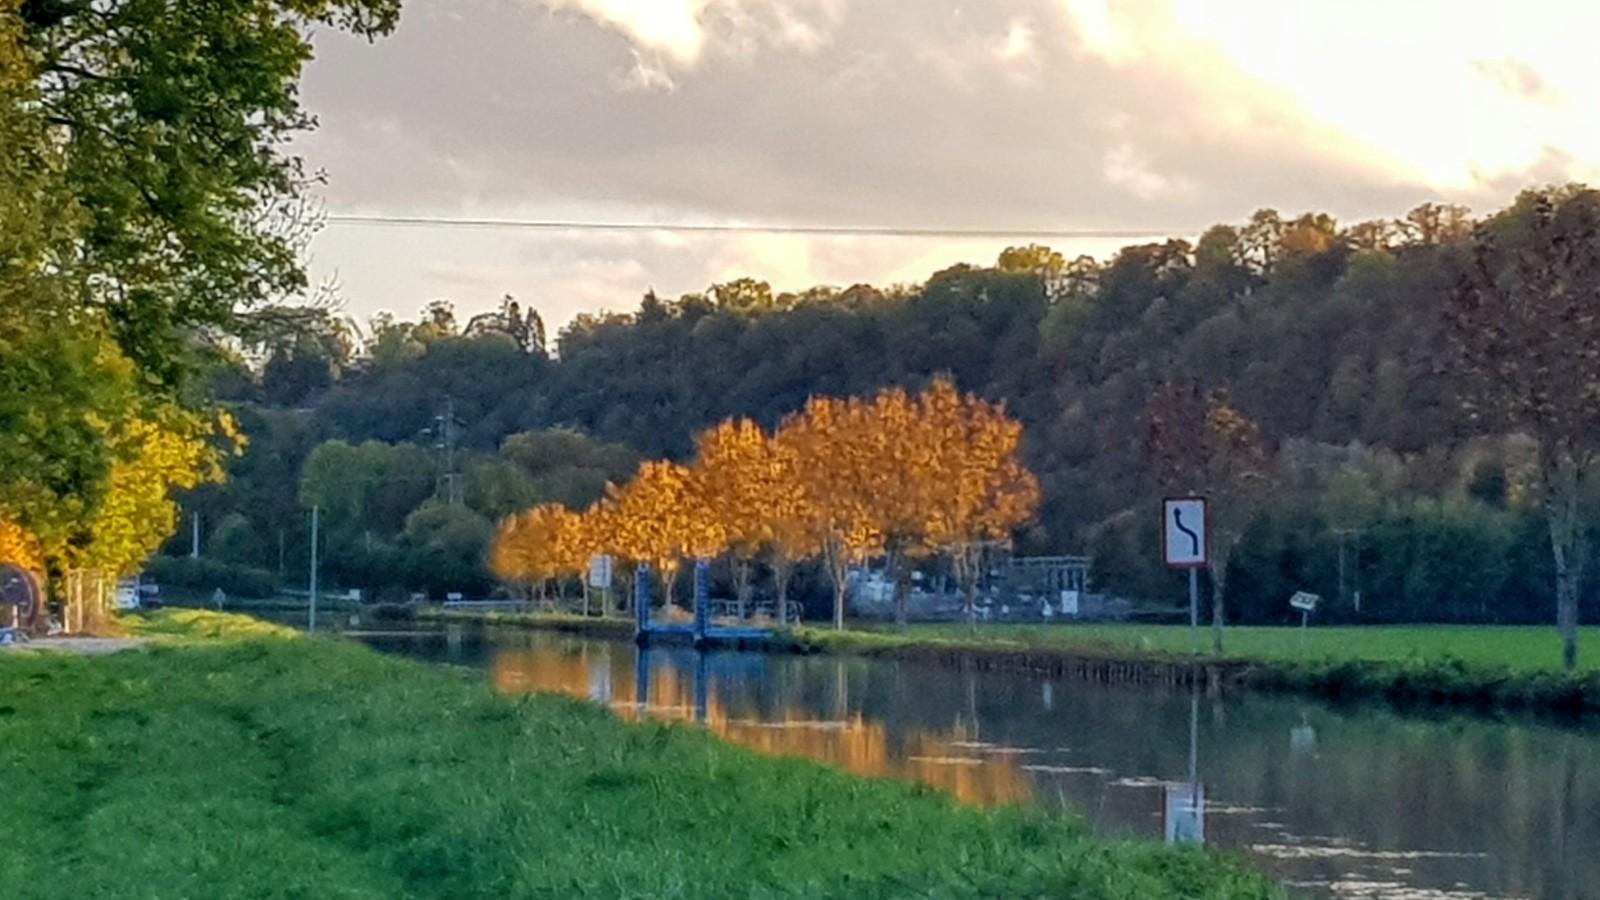 Abendlicht auf dem Kanal, die Ahorne in Gold getaucht